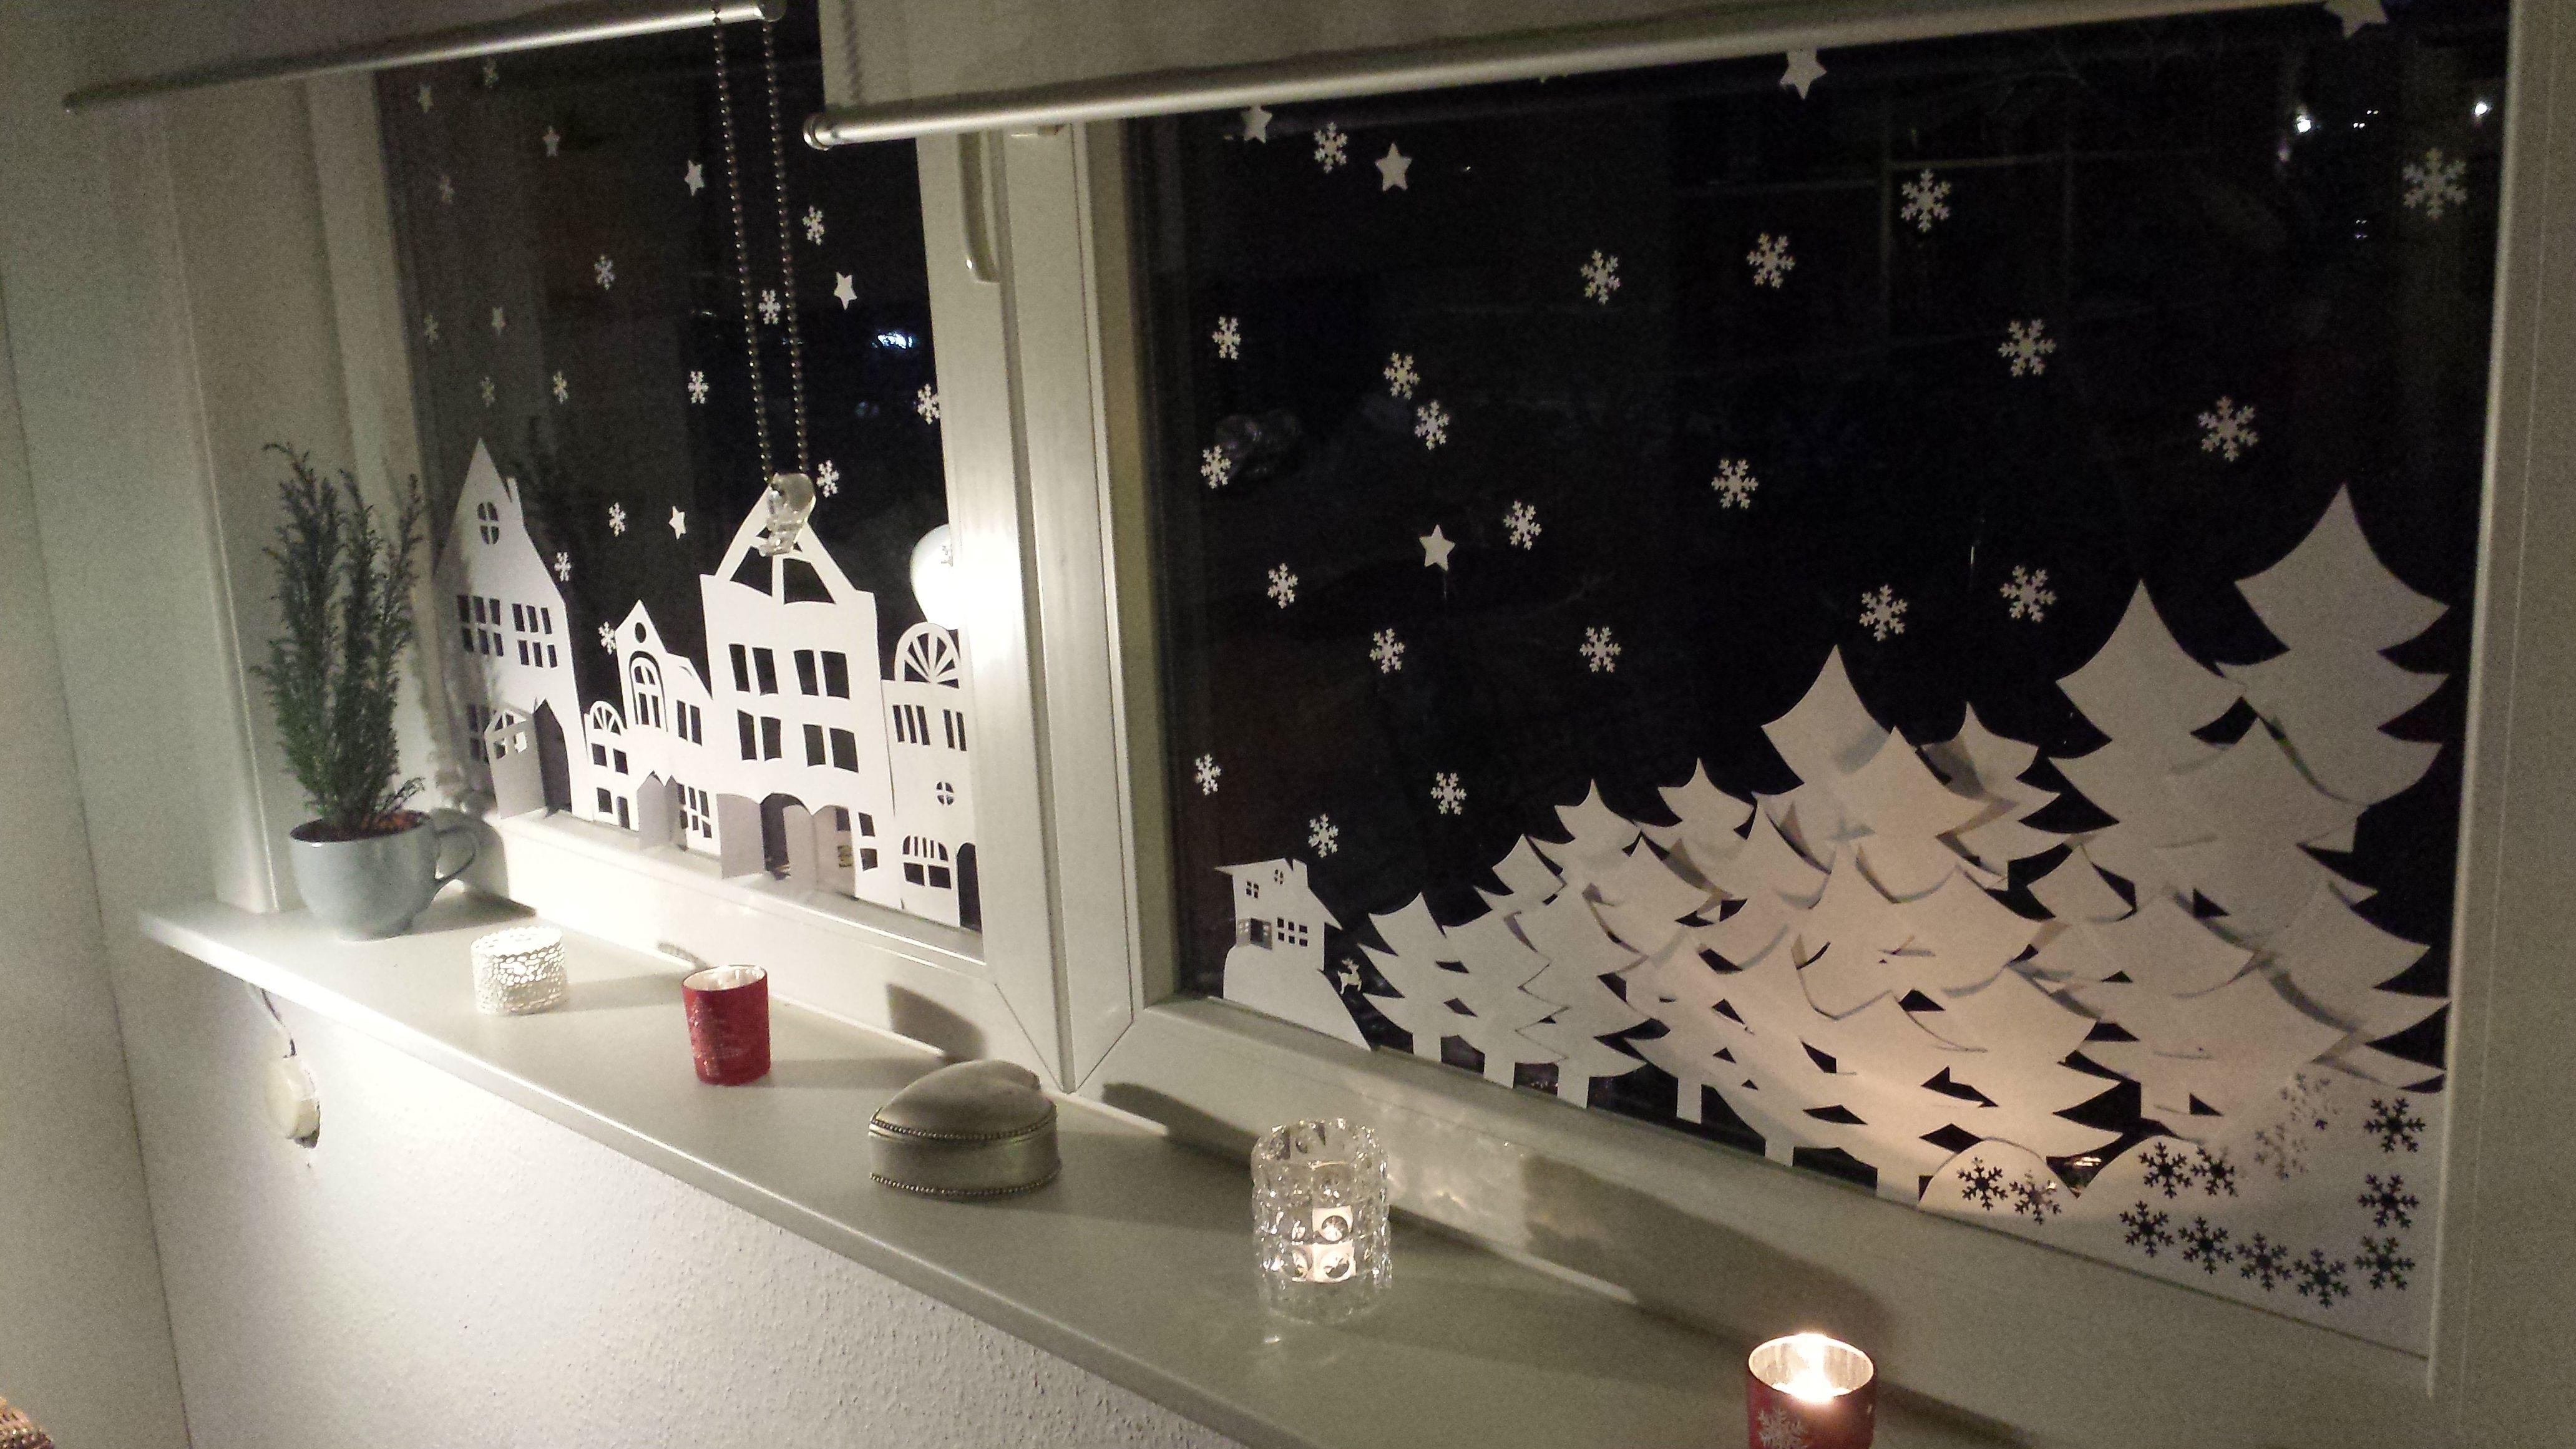 Winterliche fensterdekoration froschtatze media jahreszeiten weihnachten winter - Fensterdeko weihnachten schule ...